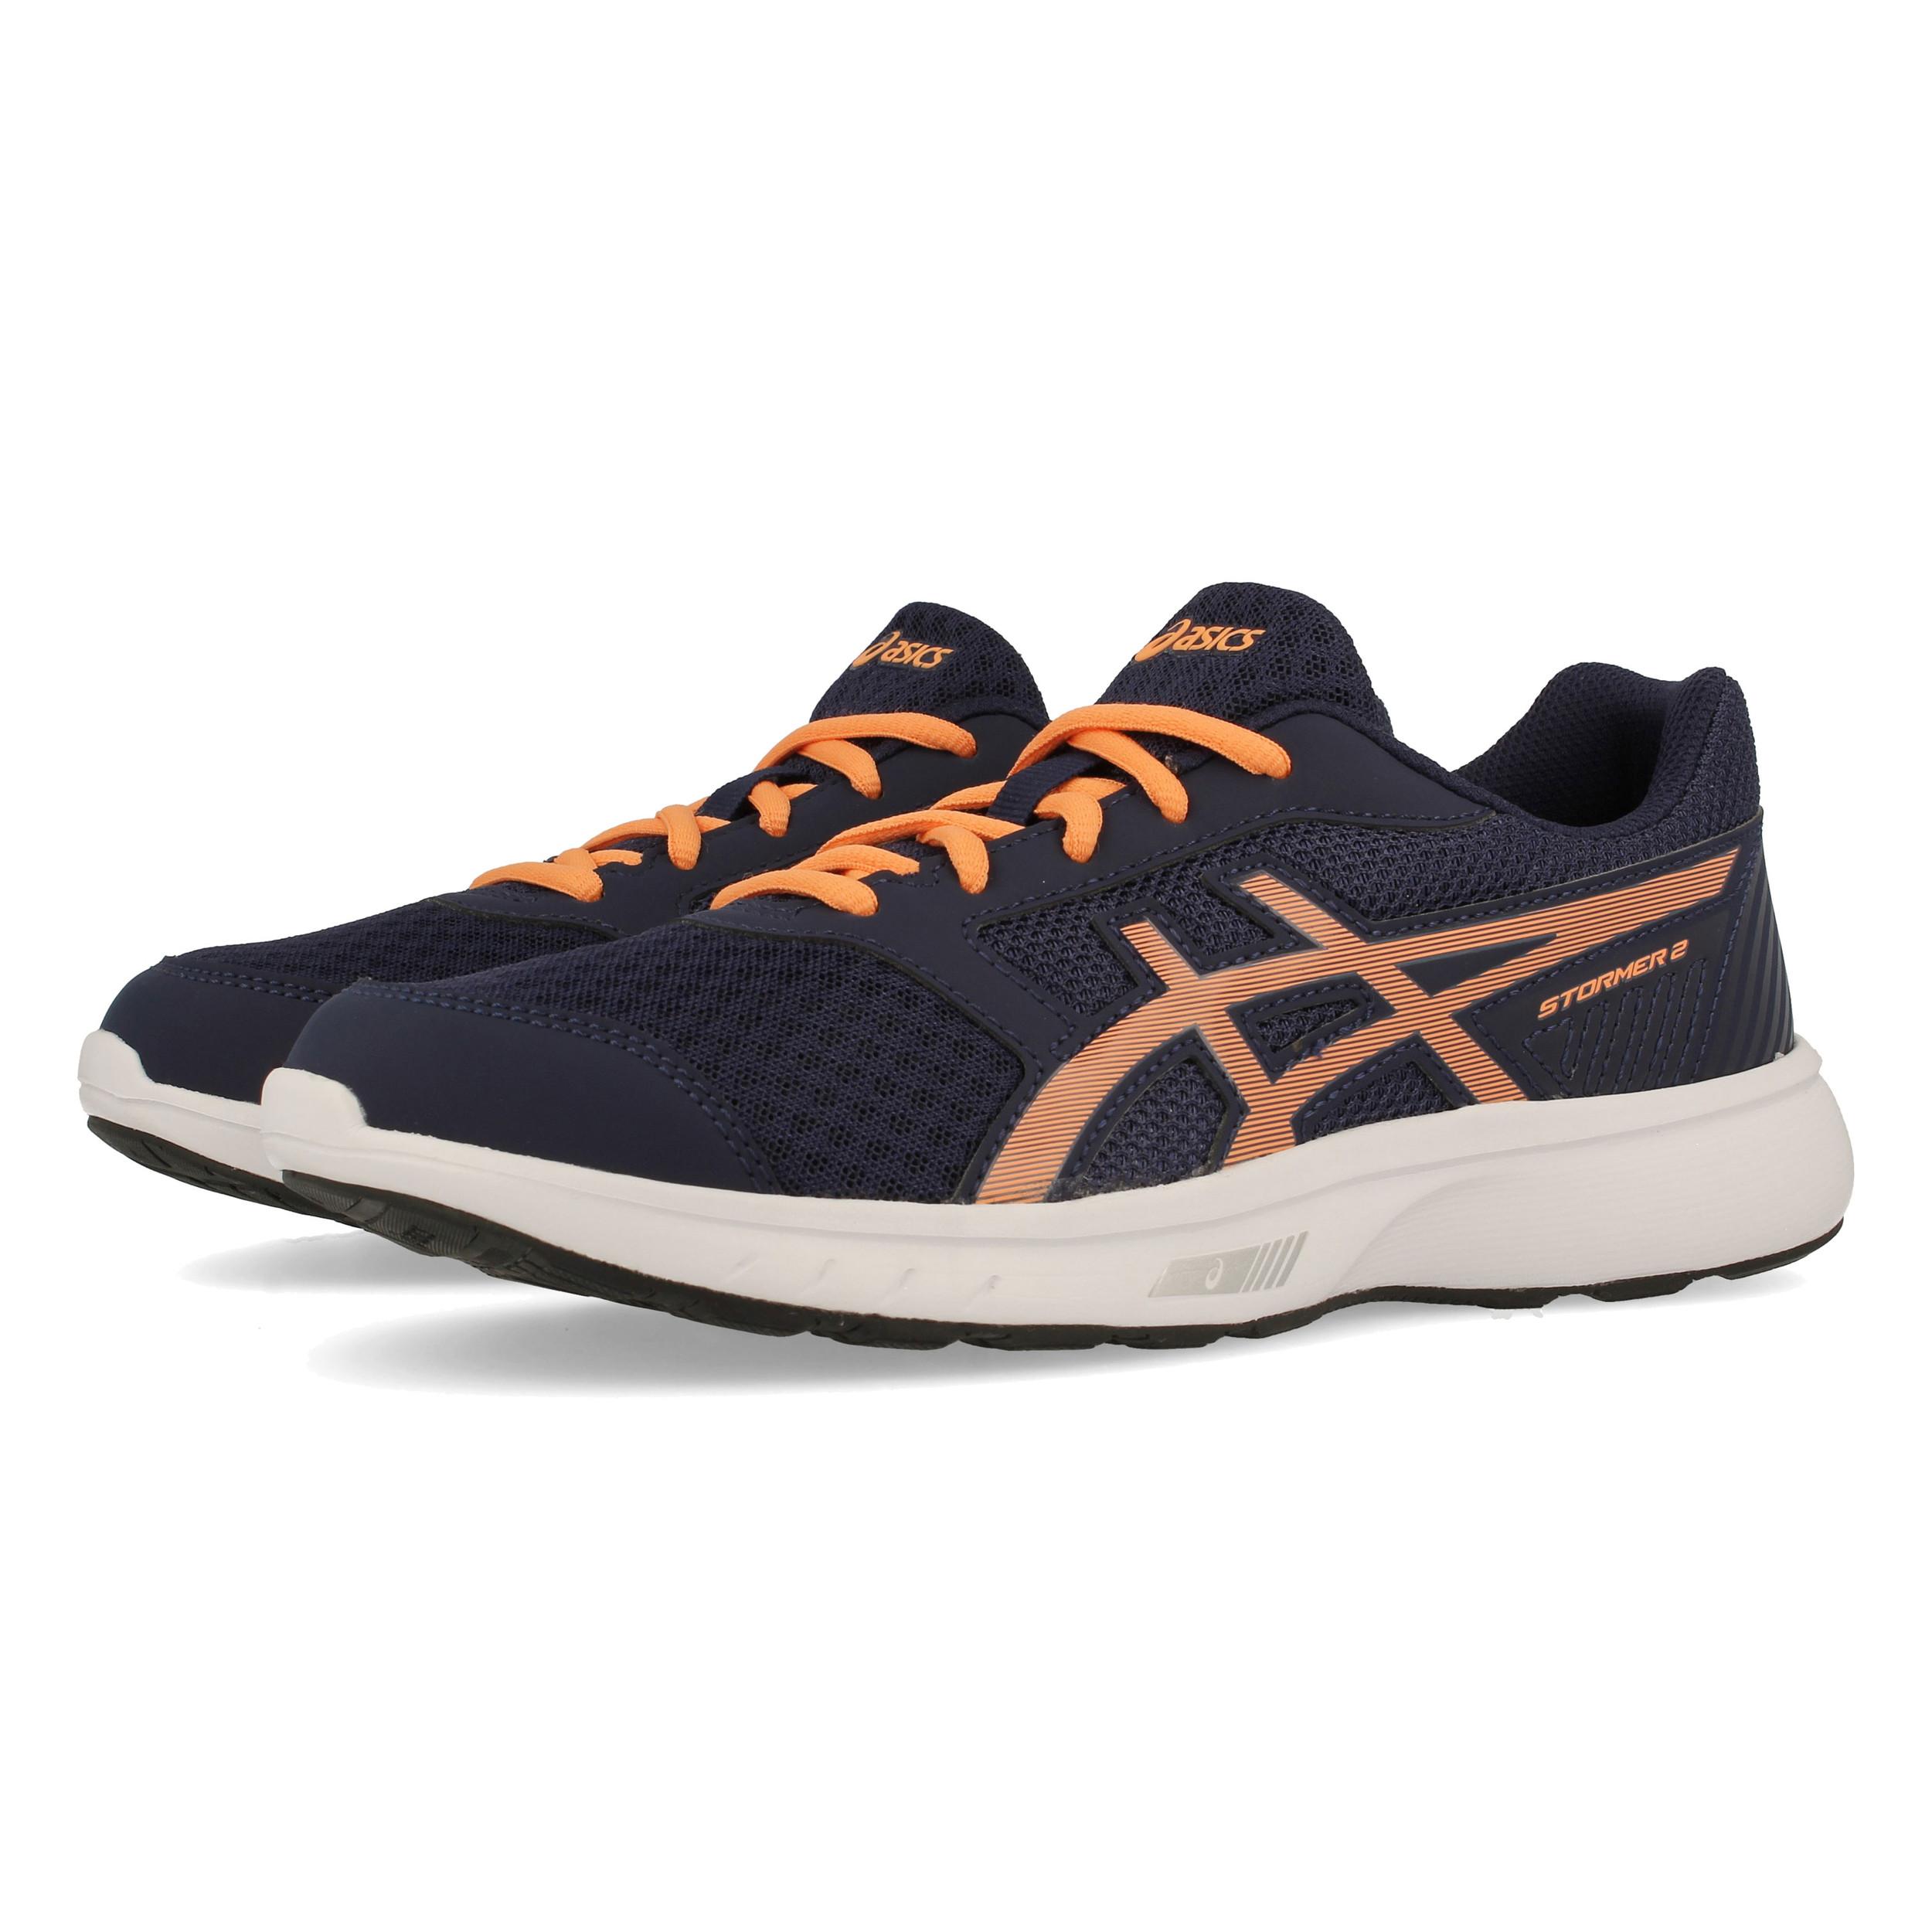 Détails sur ASICS Garçons Stormer 2 GS Chaussures De Course Baskets Sneakers Bleu Marine Orange Sports afficher le titre d'origine